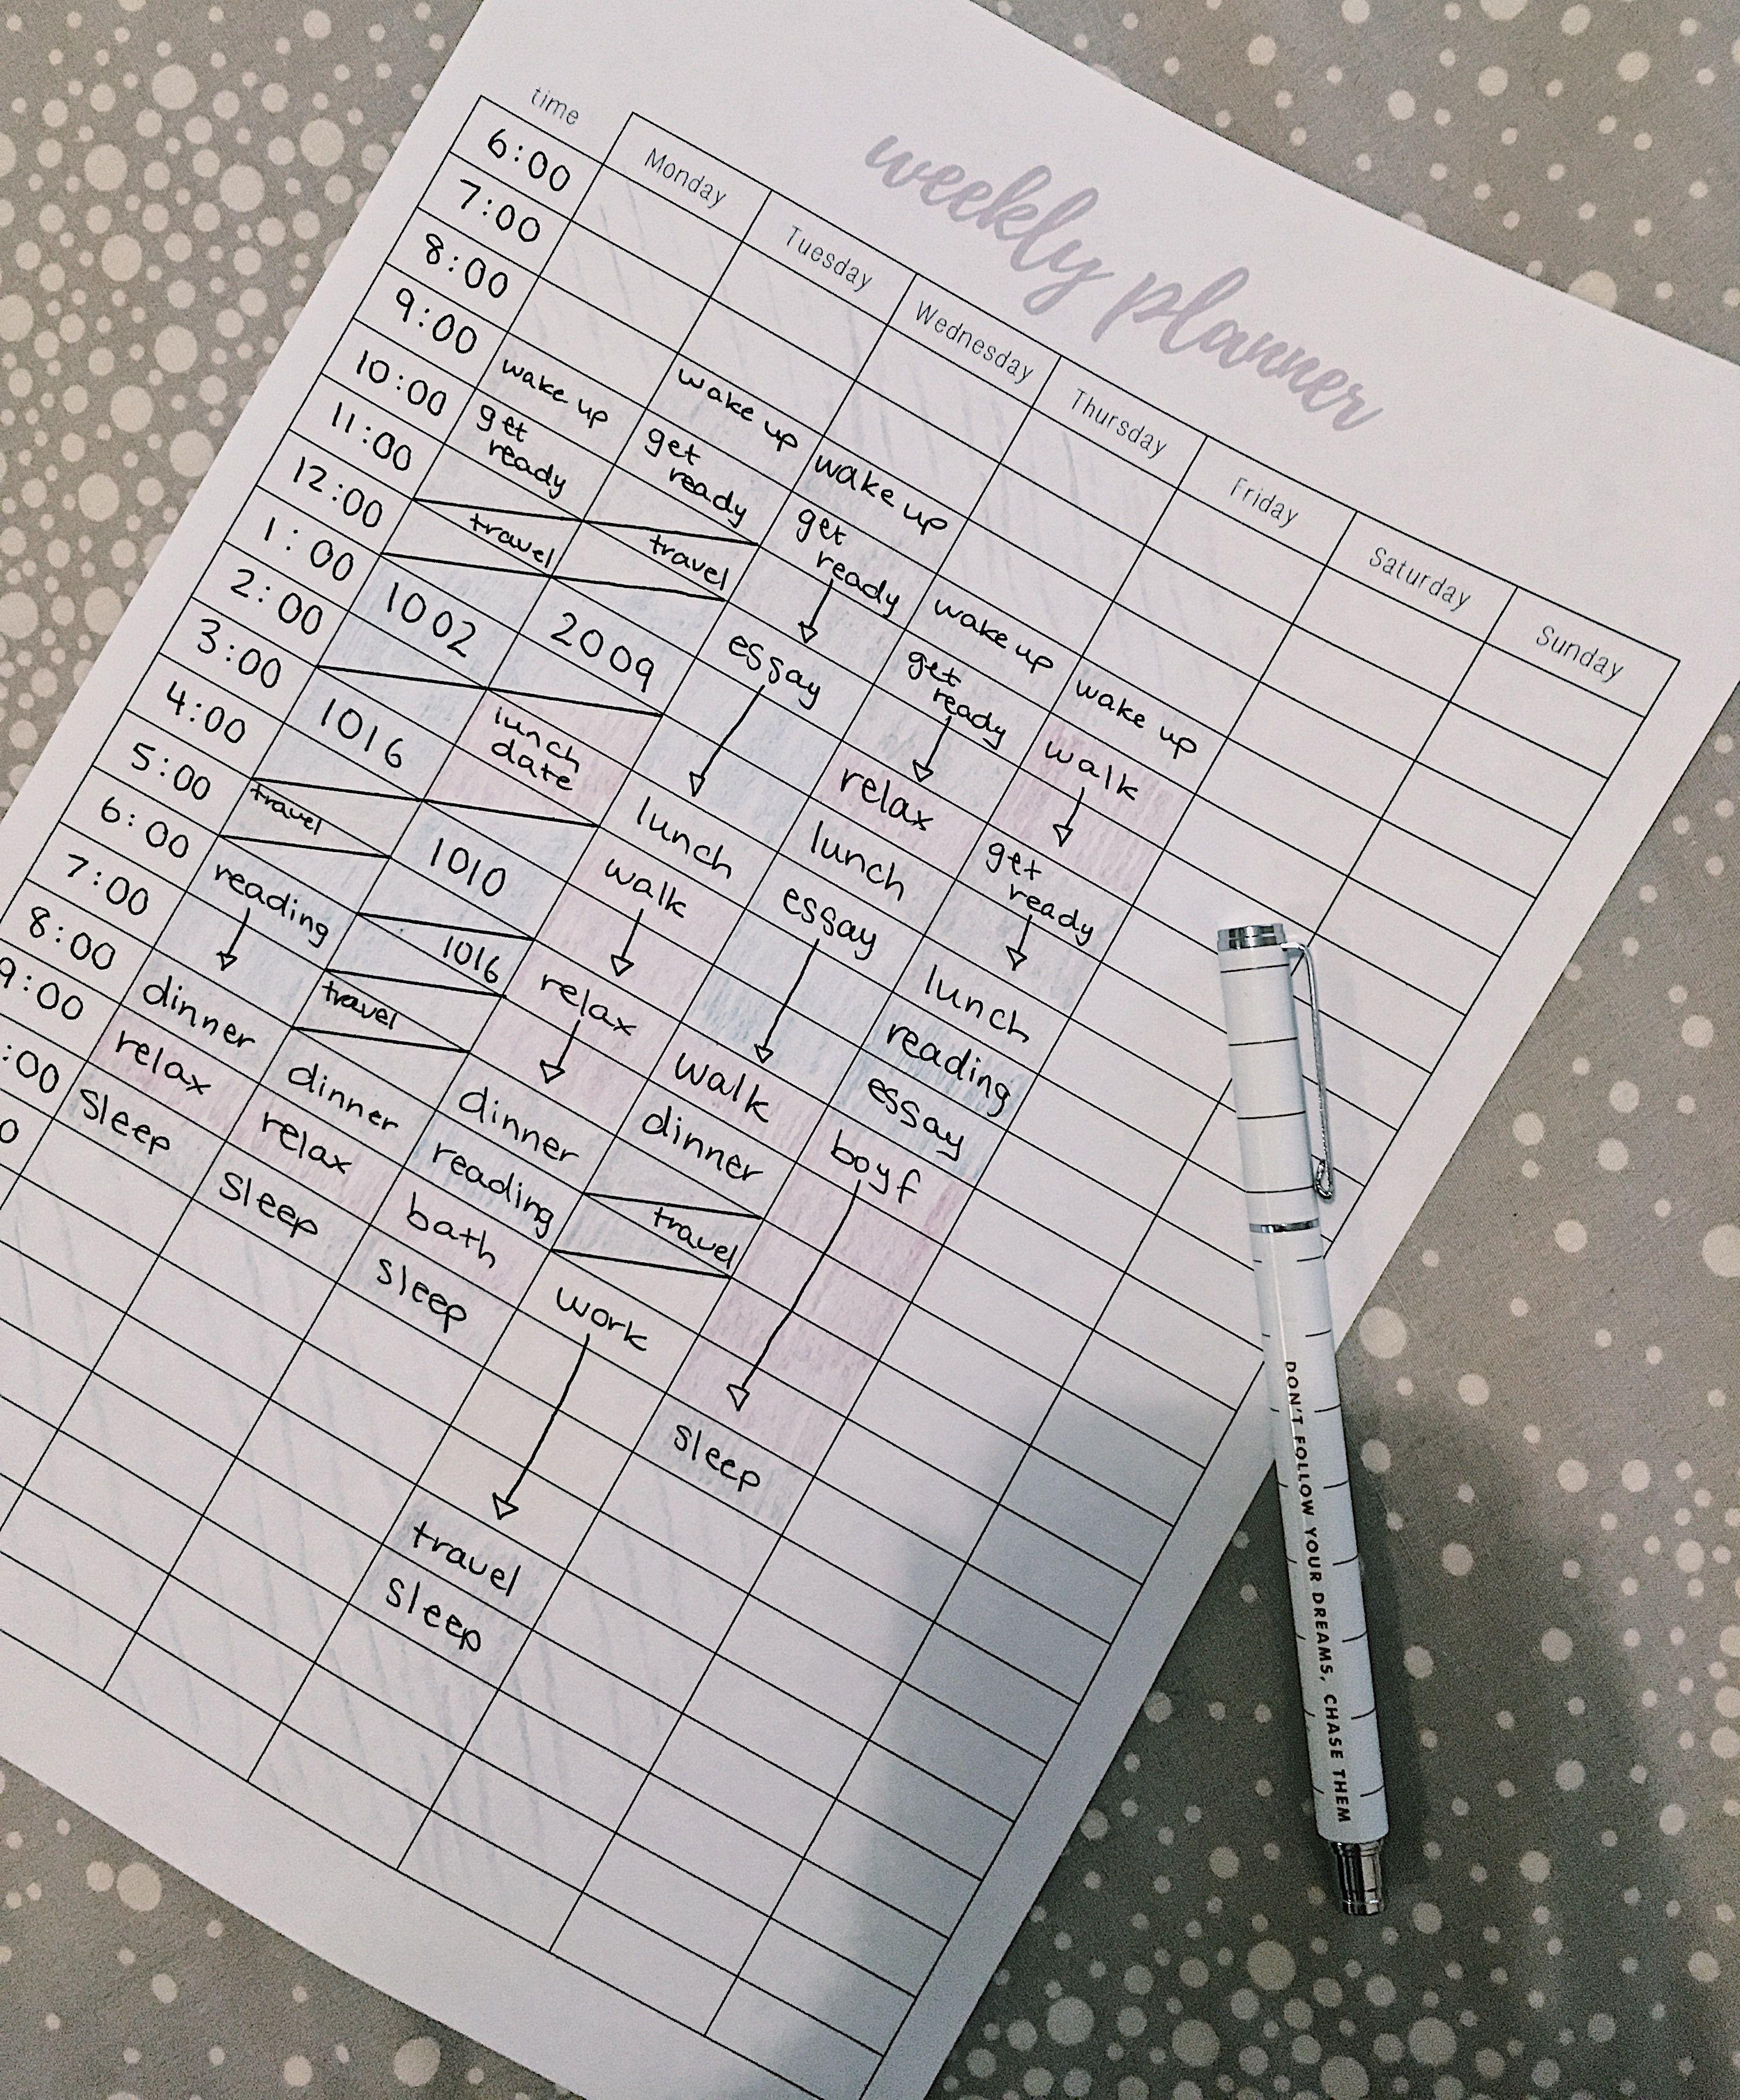 Free 24 Hour Weekly Planner Printable